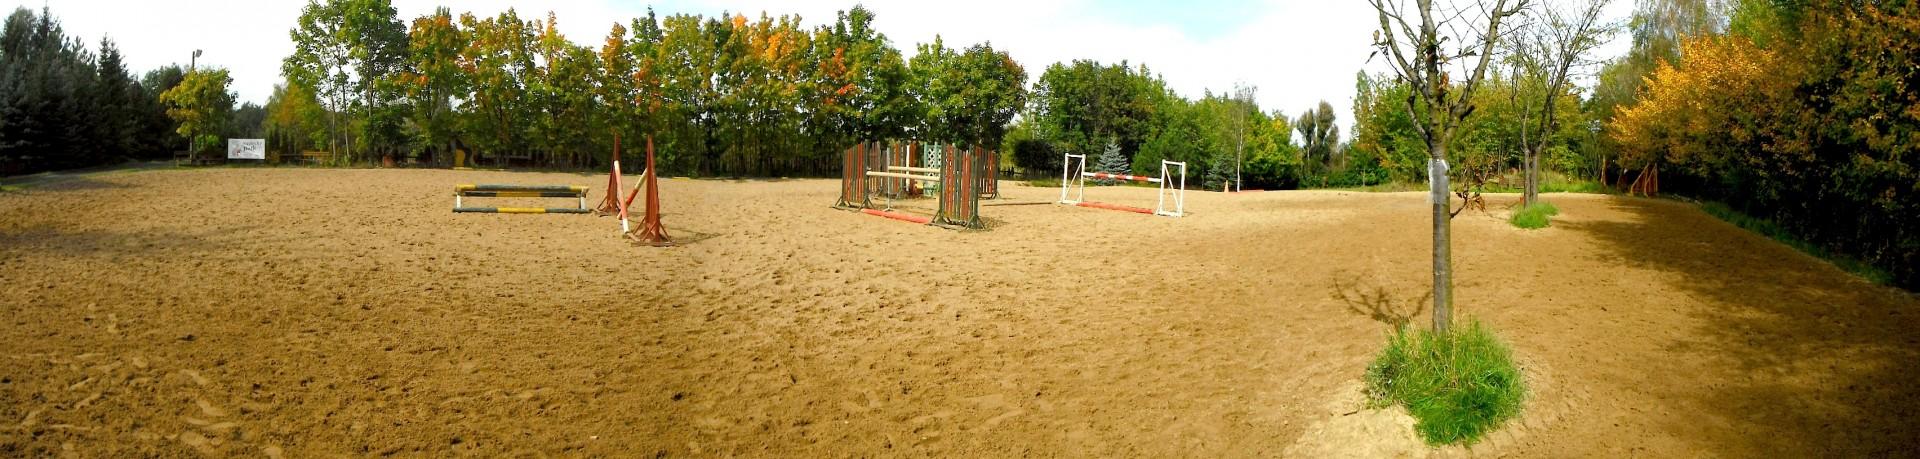 pískové kolbiště na jezdeckém parku Radonice